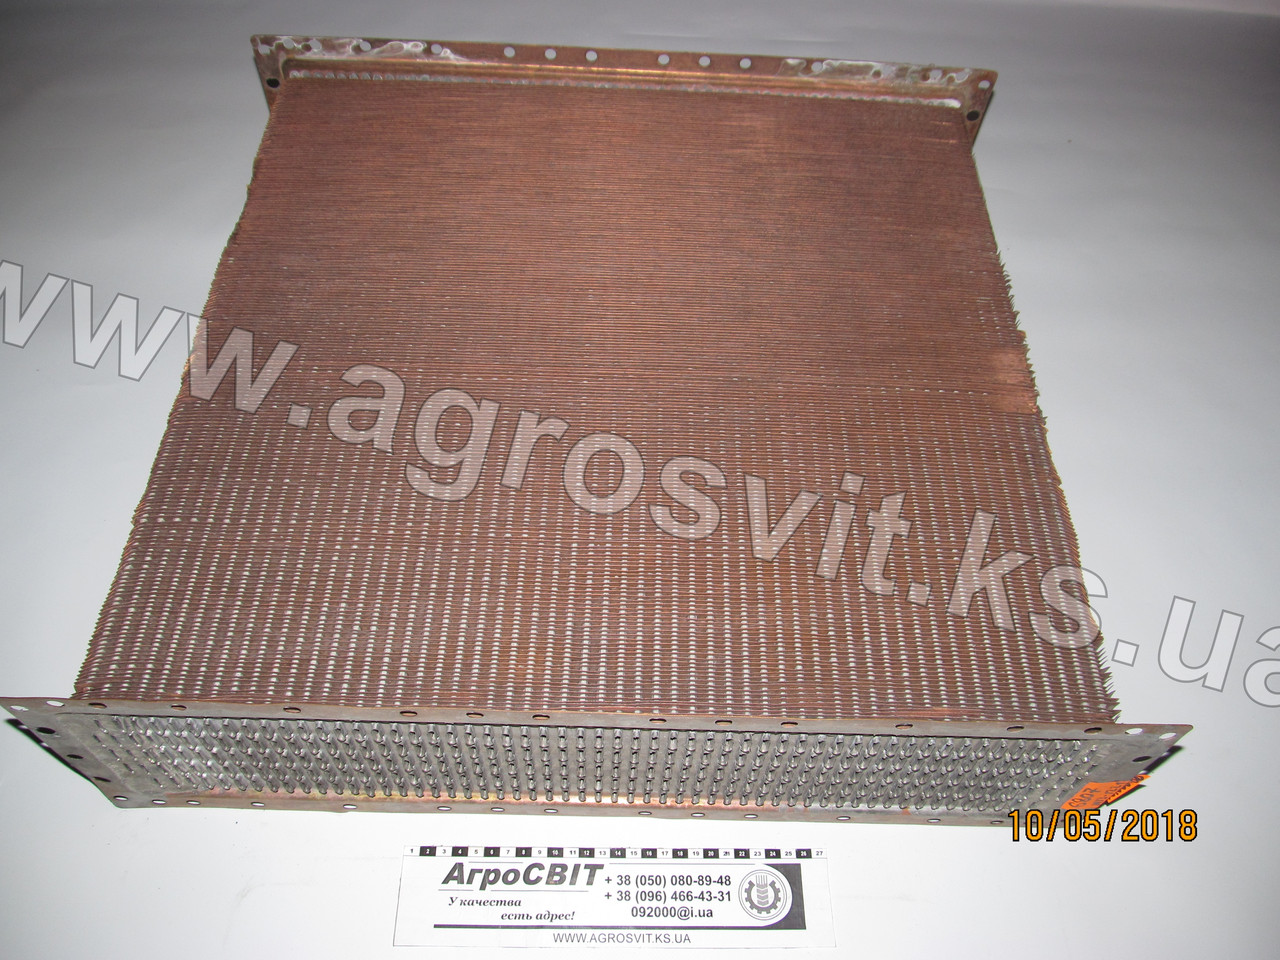 Сердцевина радиатора МТЗ-1221-1523 (Оренбург) 5-и рядная, кат. № 1520-1301.020Б-01